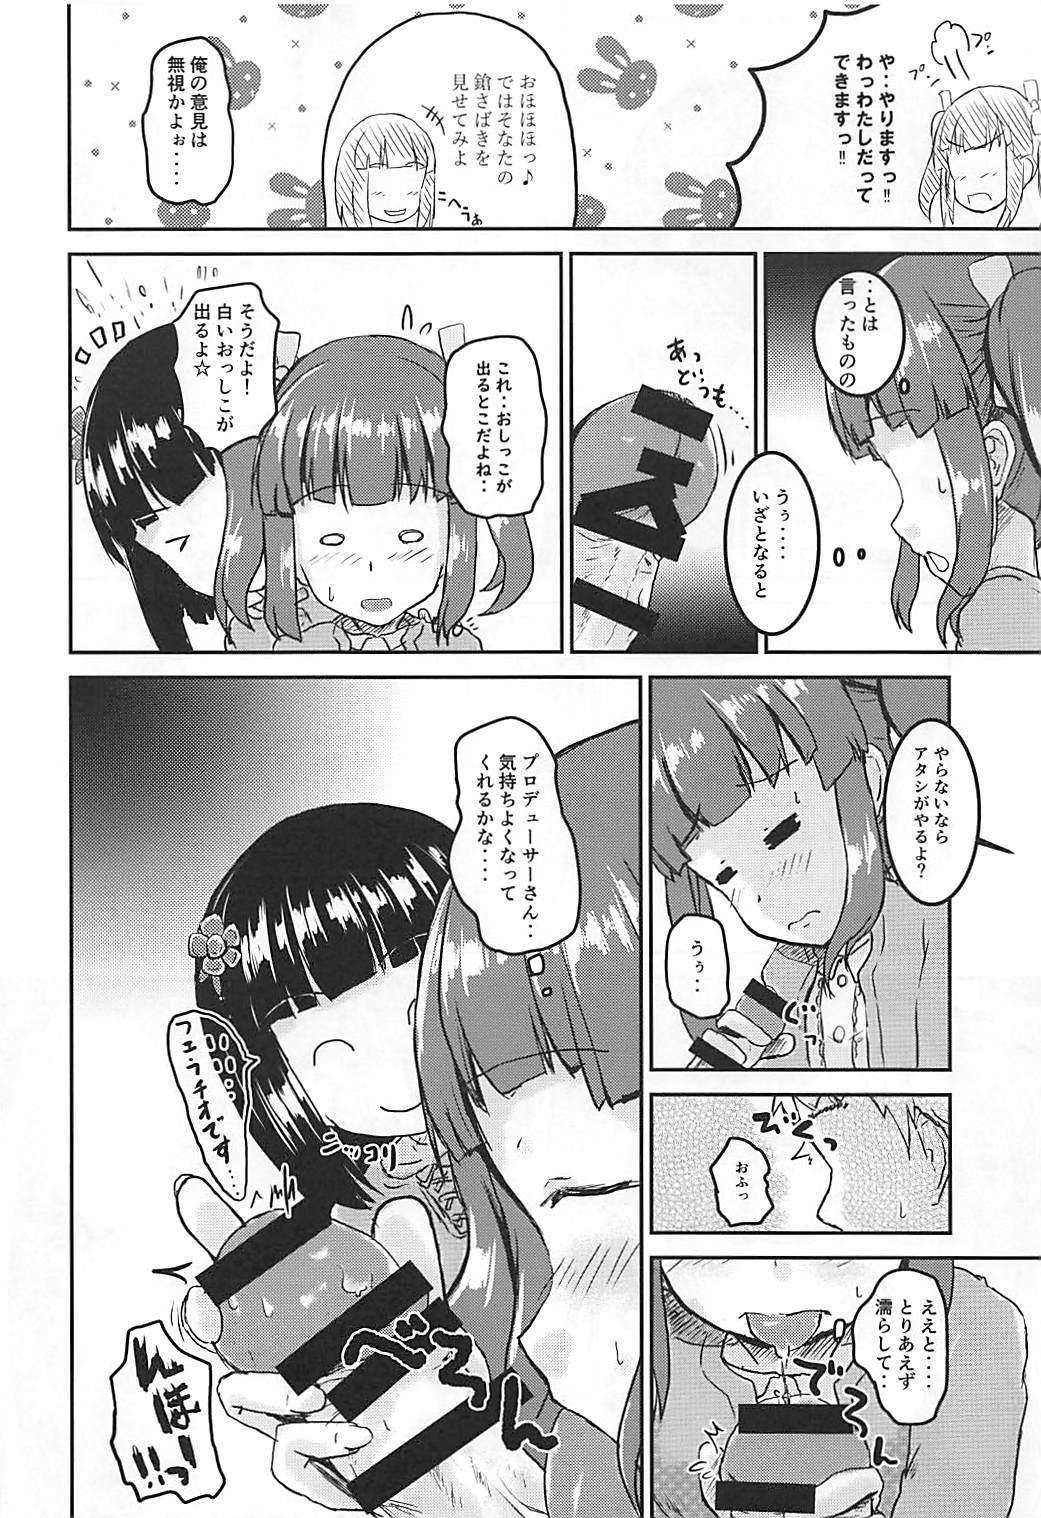 Shin Idol no Pants o Nugasanaide XX Suru Hon 10